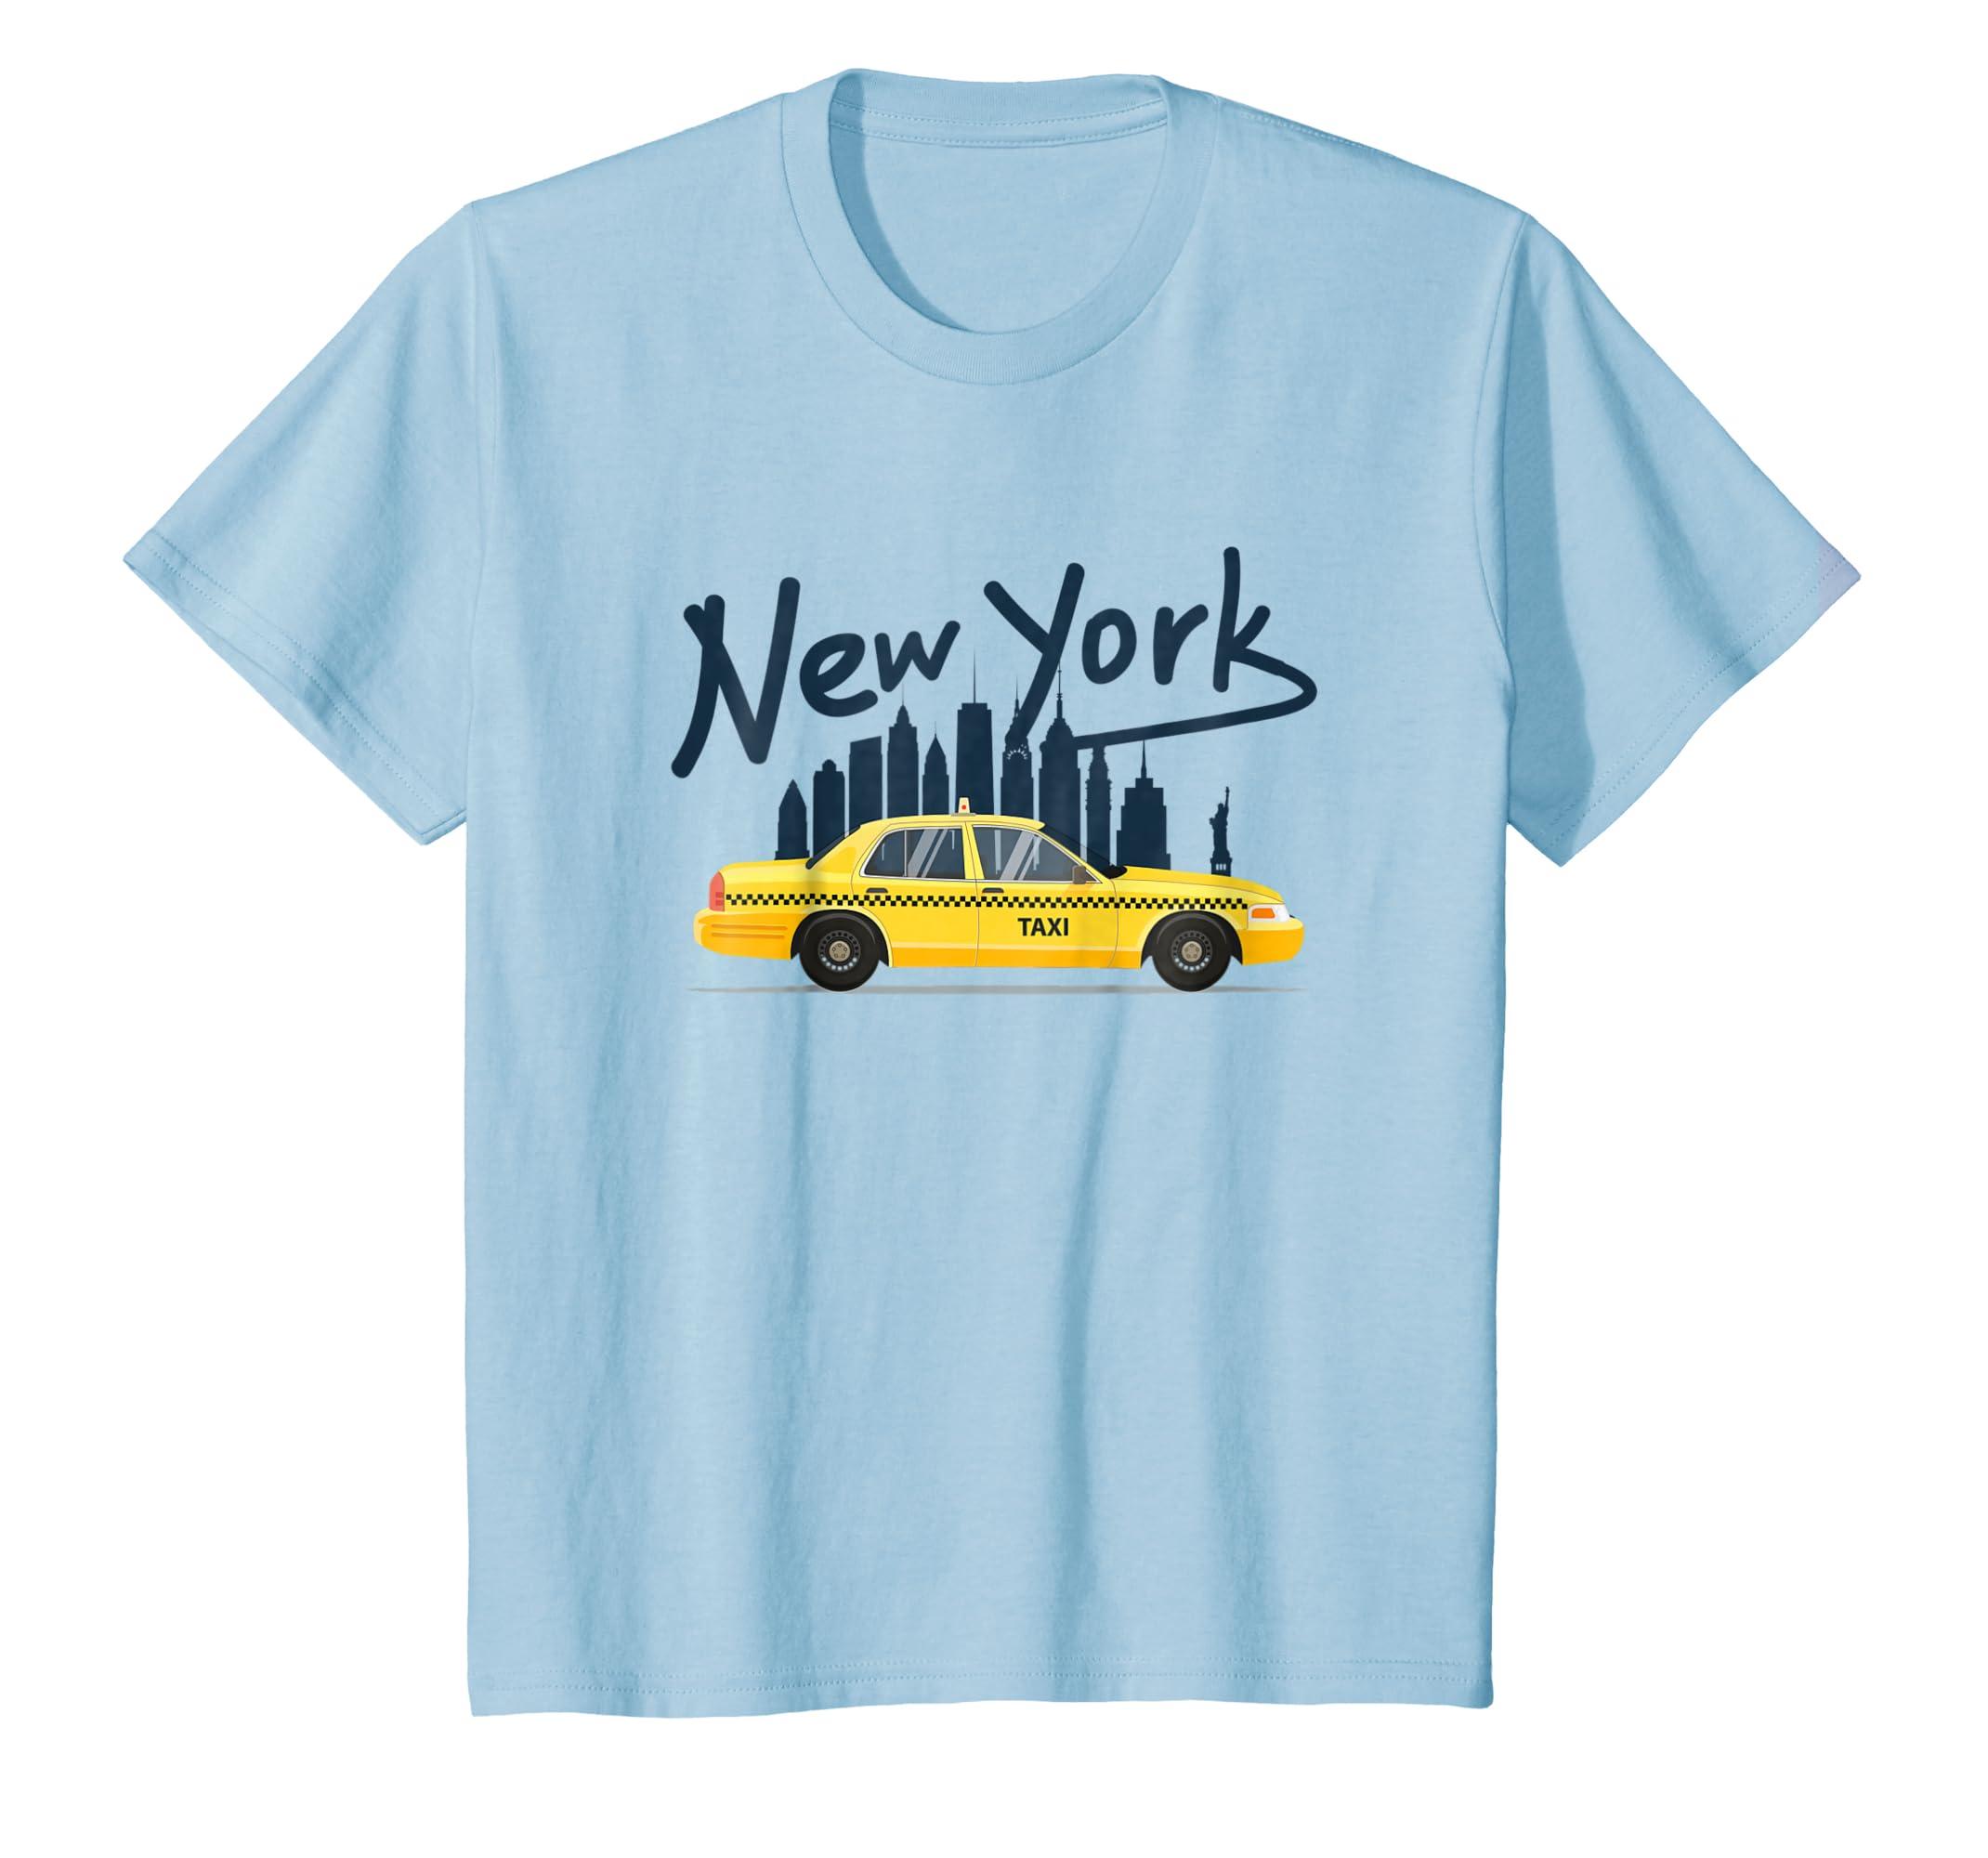 a77bf7e57 Amazon.com: NYC New York Yellow Cab Taxi Gift Souvenir Tee Men Women:  Clothing